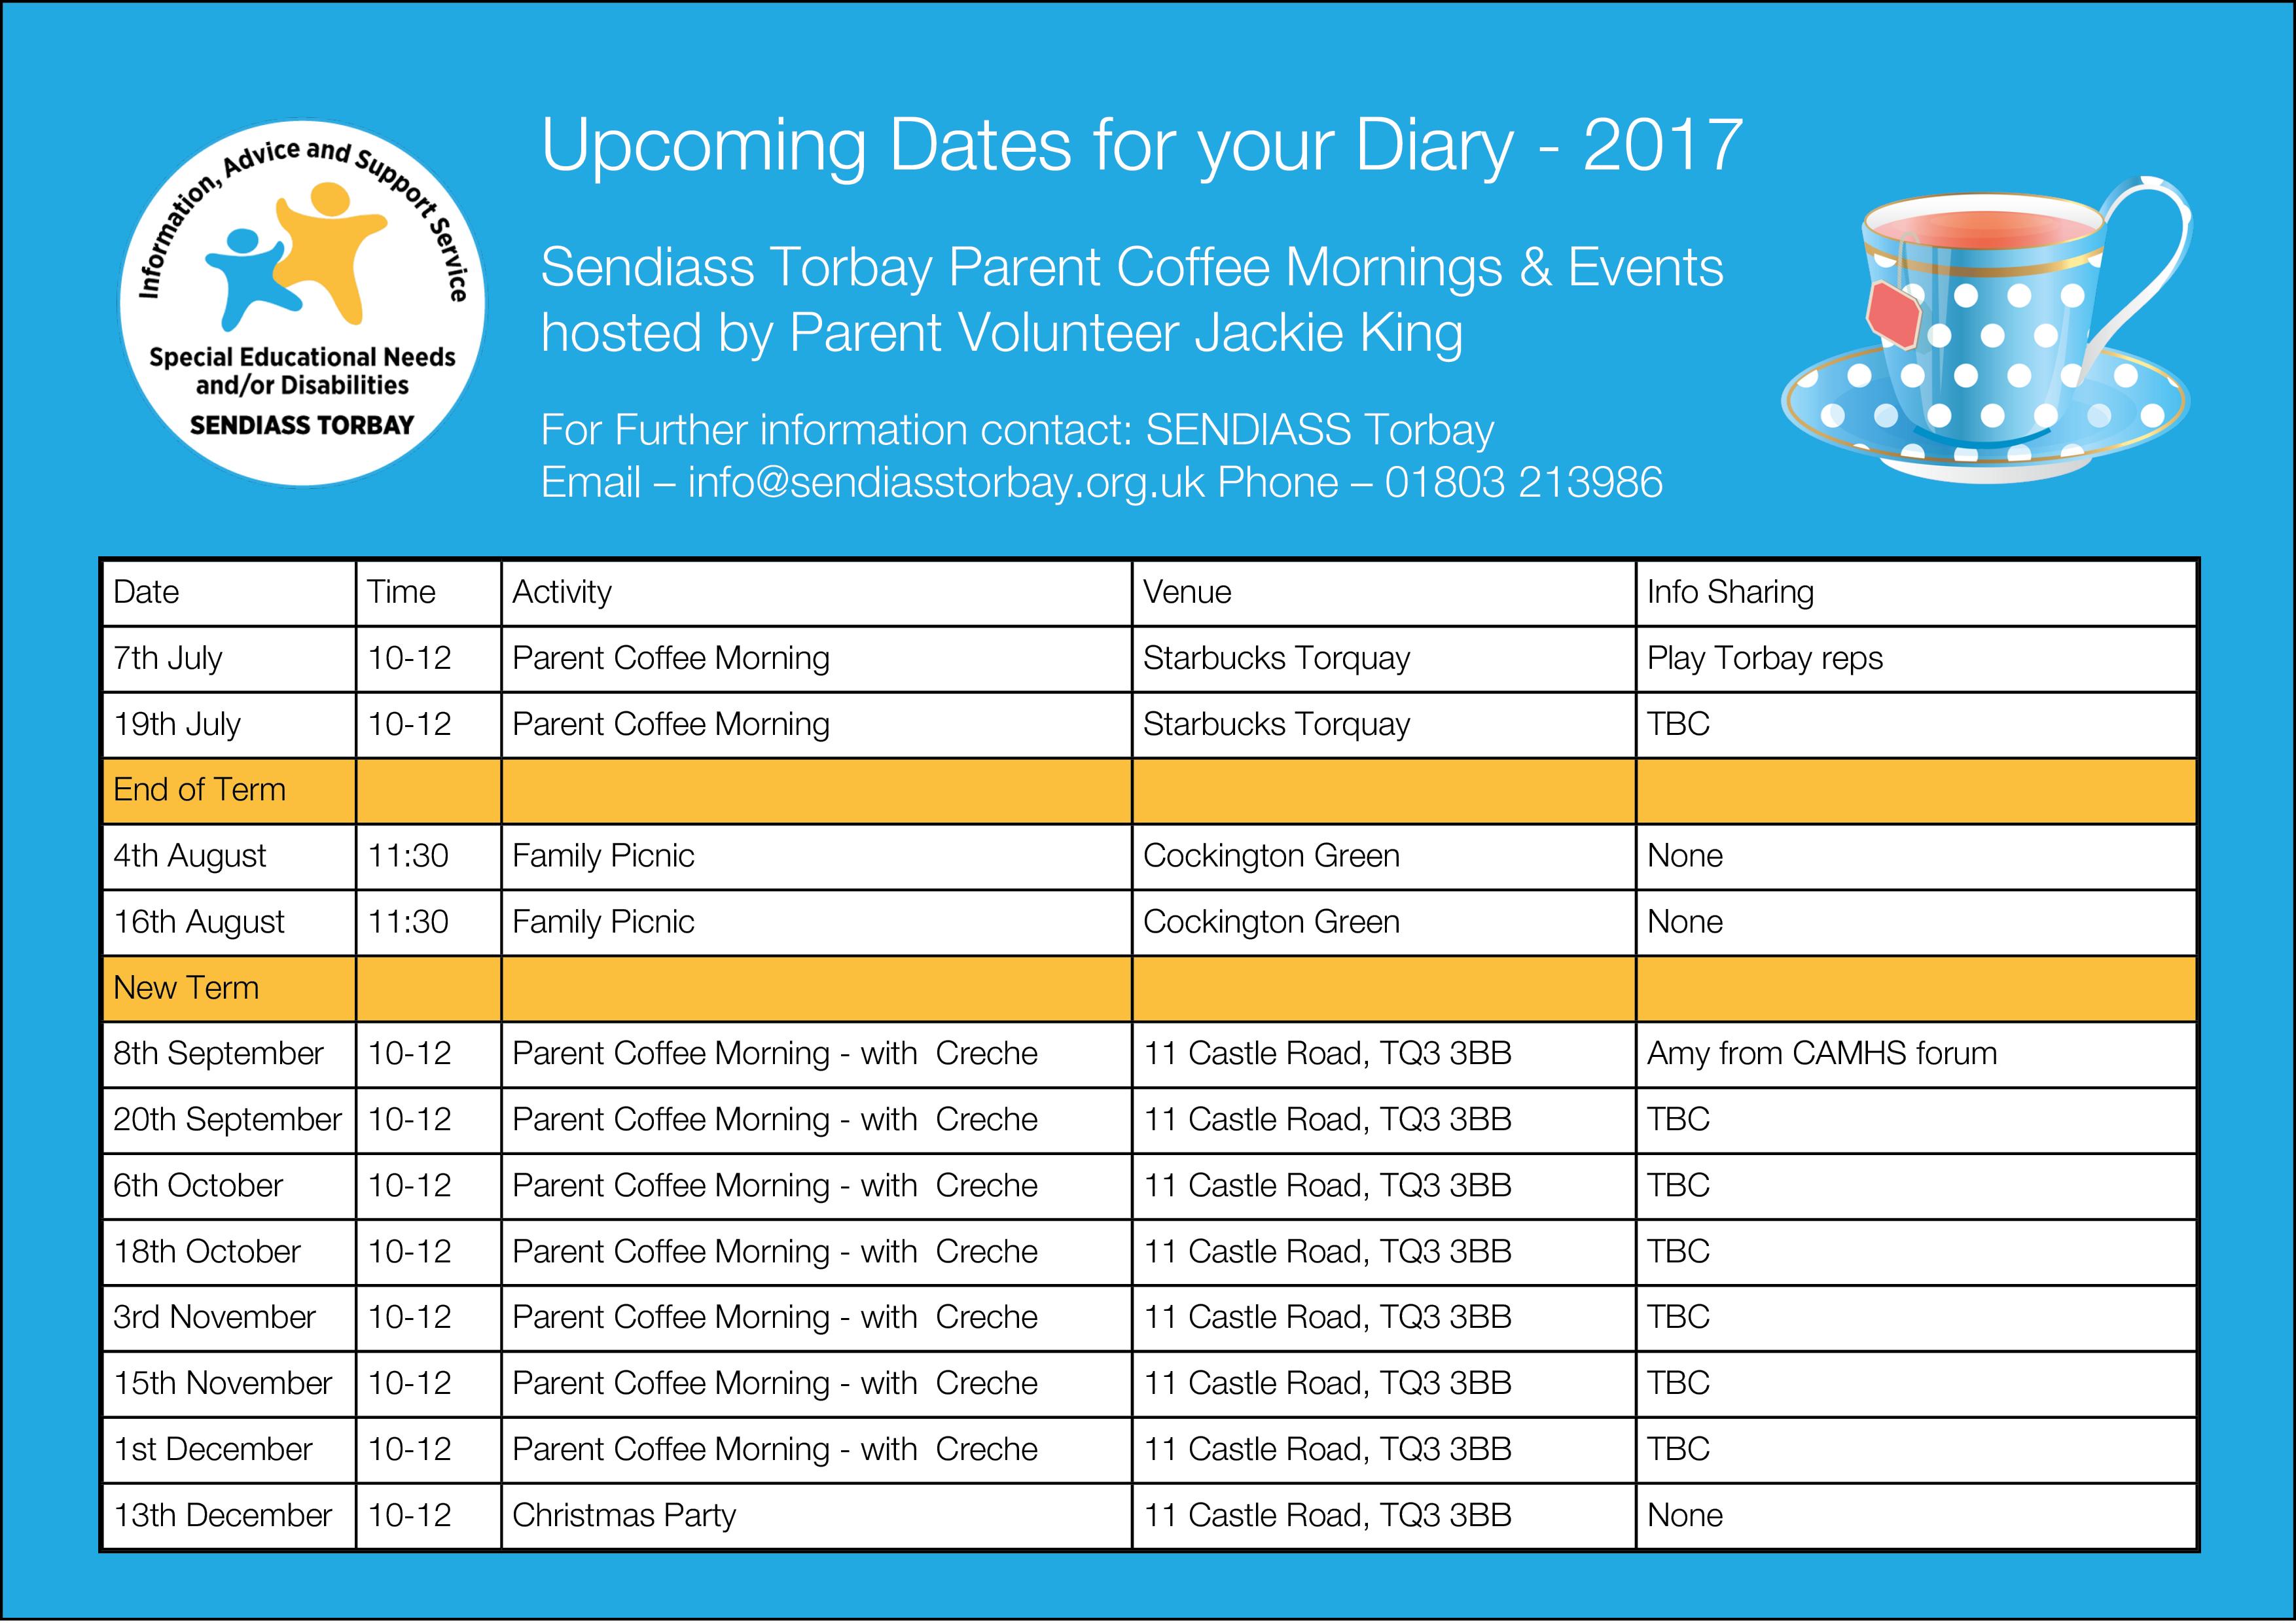 Sendiass Torbay Diary Dates 2017